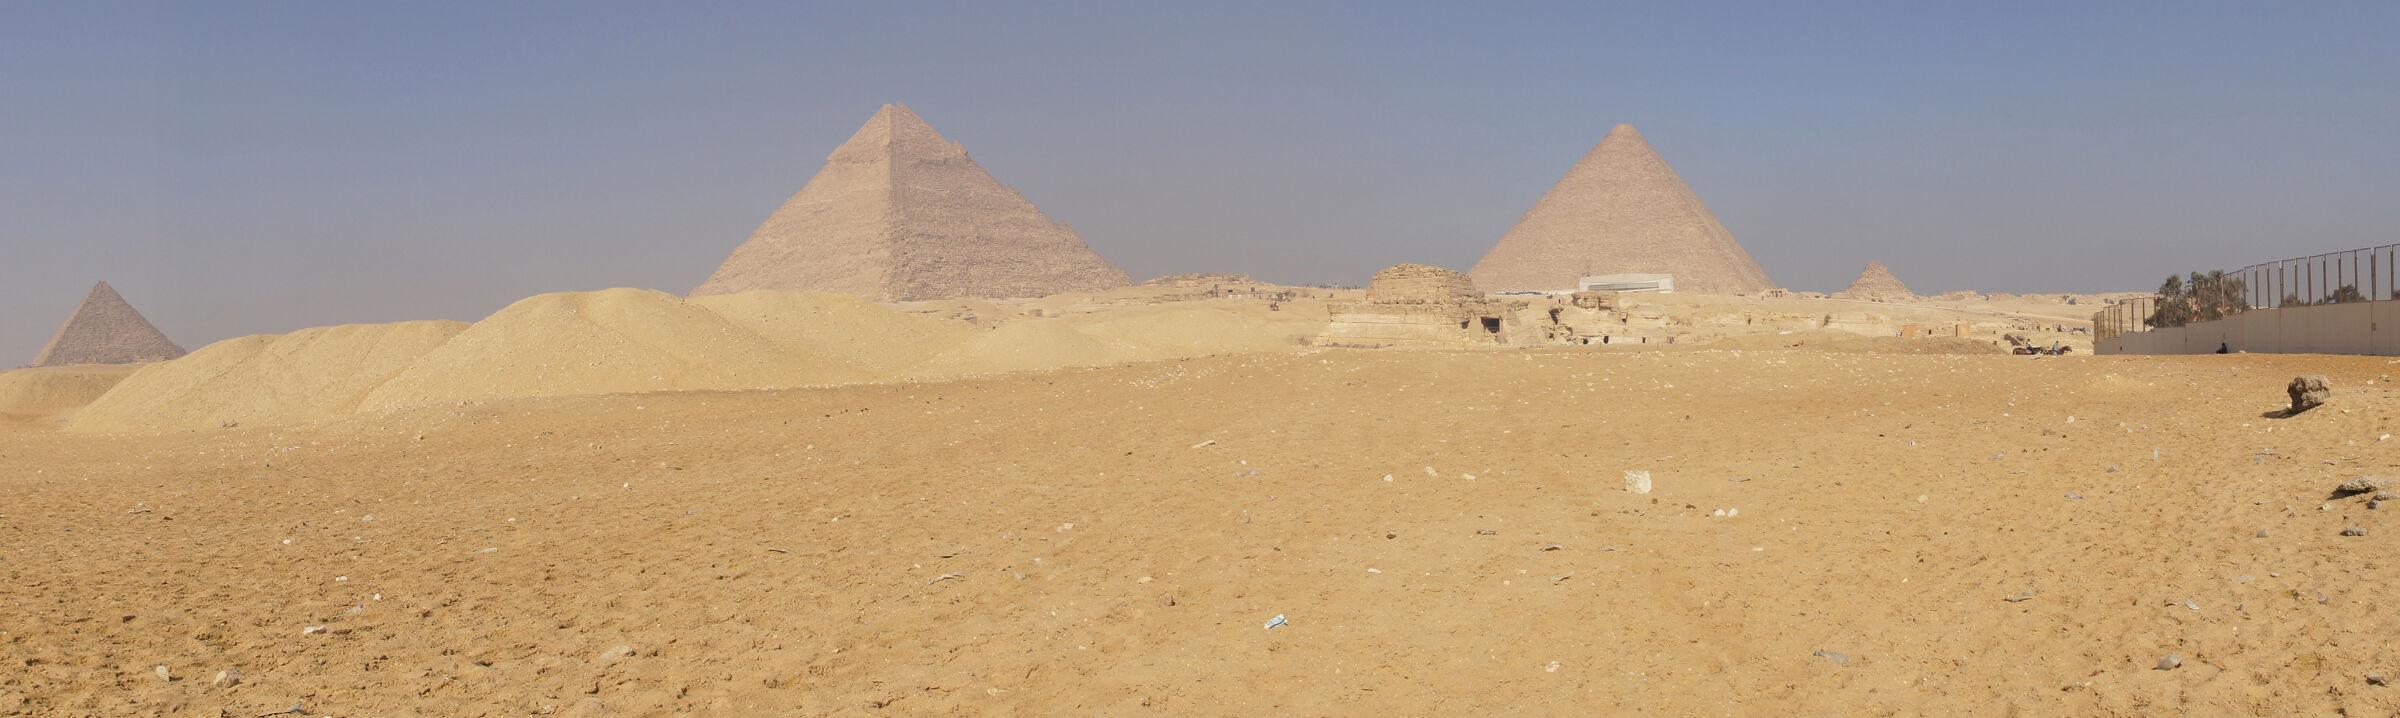 General View: Site: Giza; View: Menkaure Pyramid, Khafre Pyramid, G 8400, Khufu Pyramid